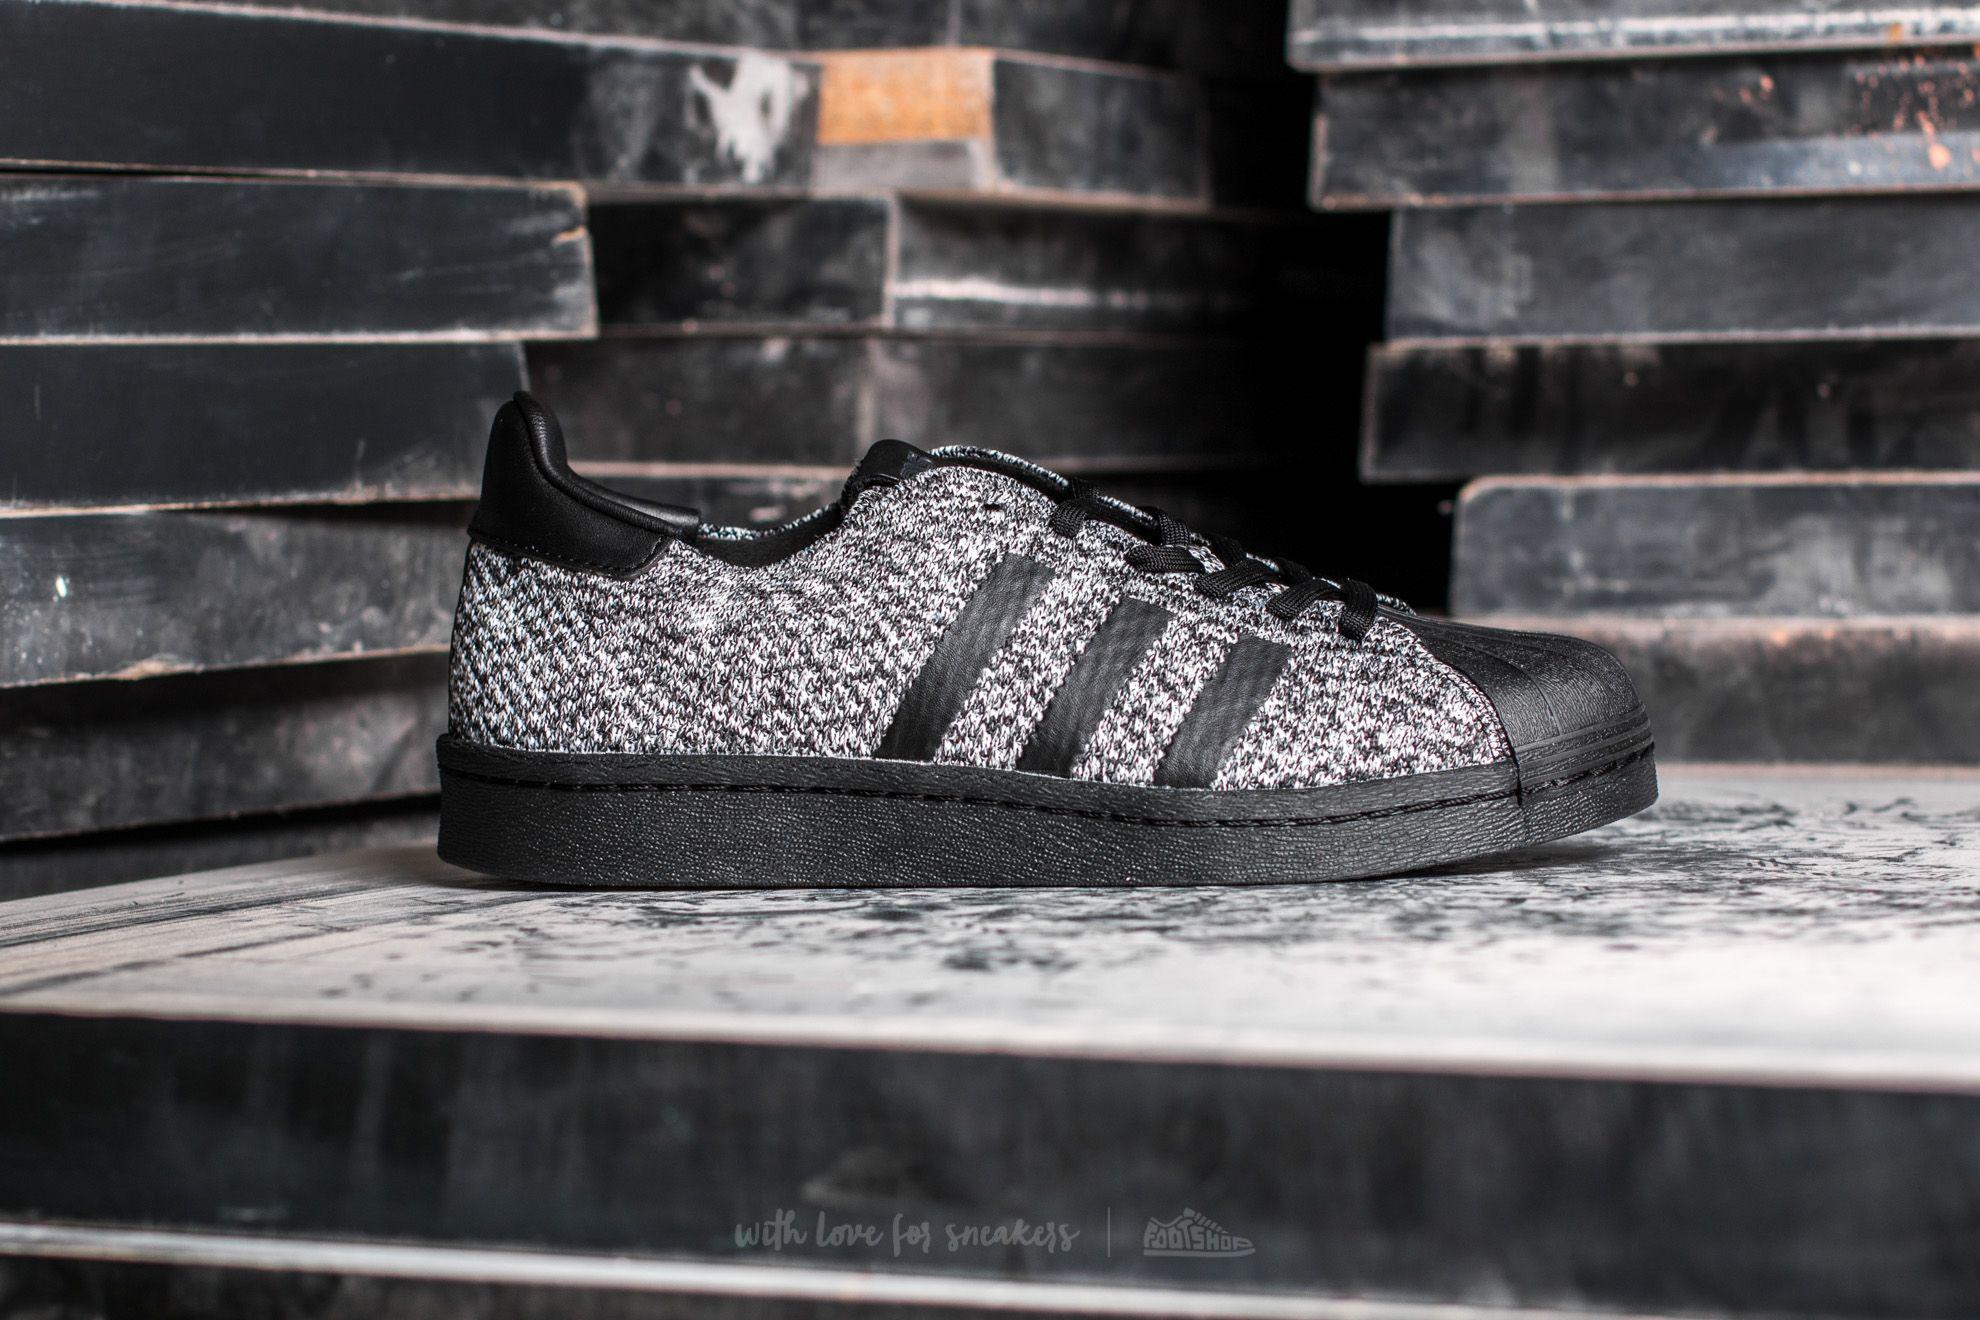 Lyst Footshop Scarpe Adidas Consorzio Scambio X Scarpe da Ginnasticanstuff